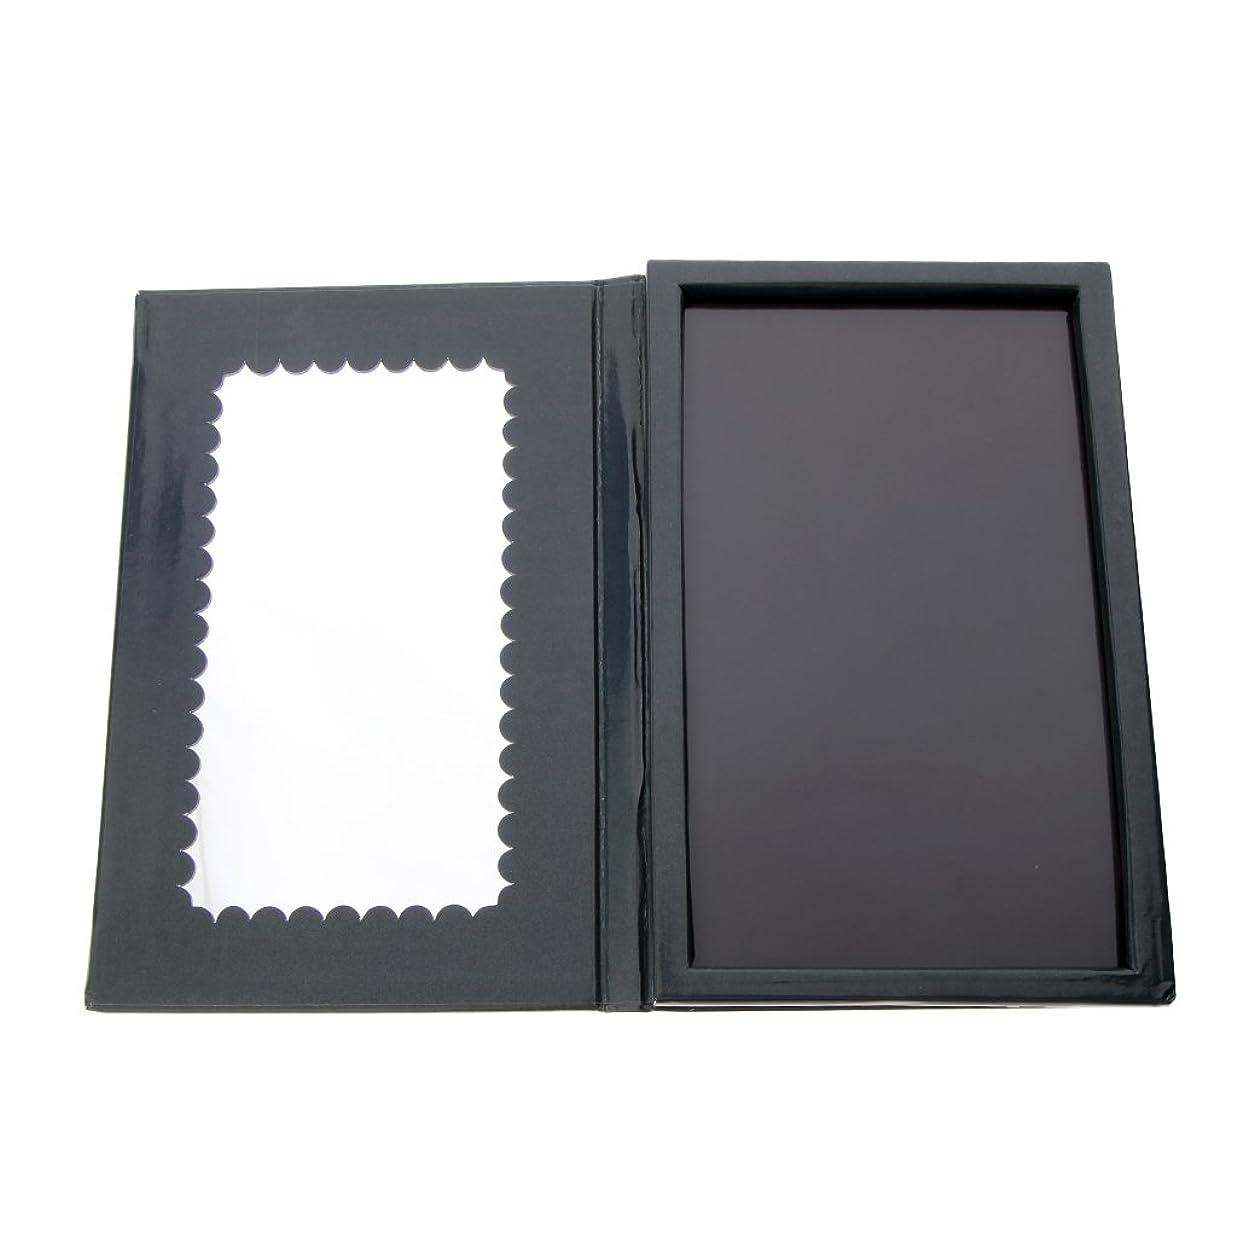 愛品現実的Perfeclan メイクアップ 空パレット 磁気パレット 化粧品ケース アイシャドウ パウダー 整理 保管 旅行 便利